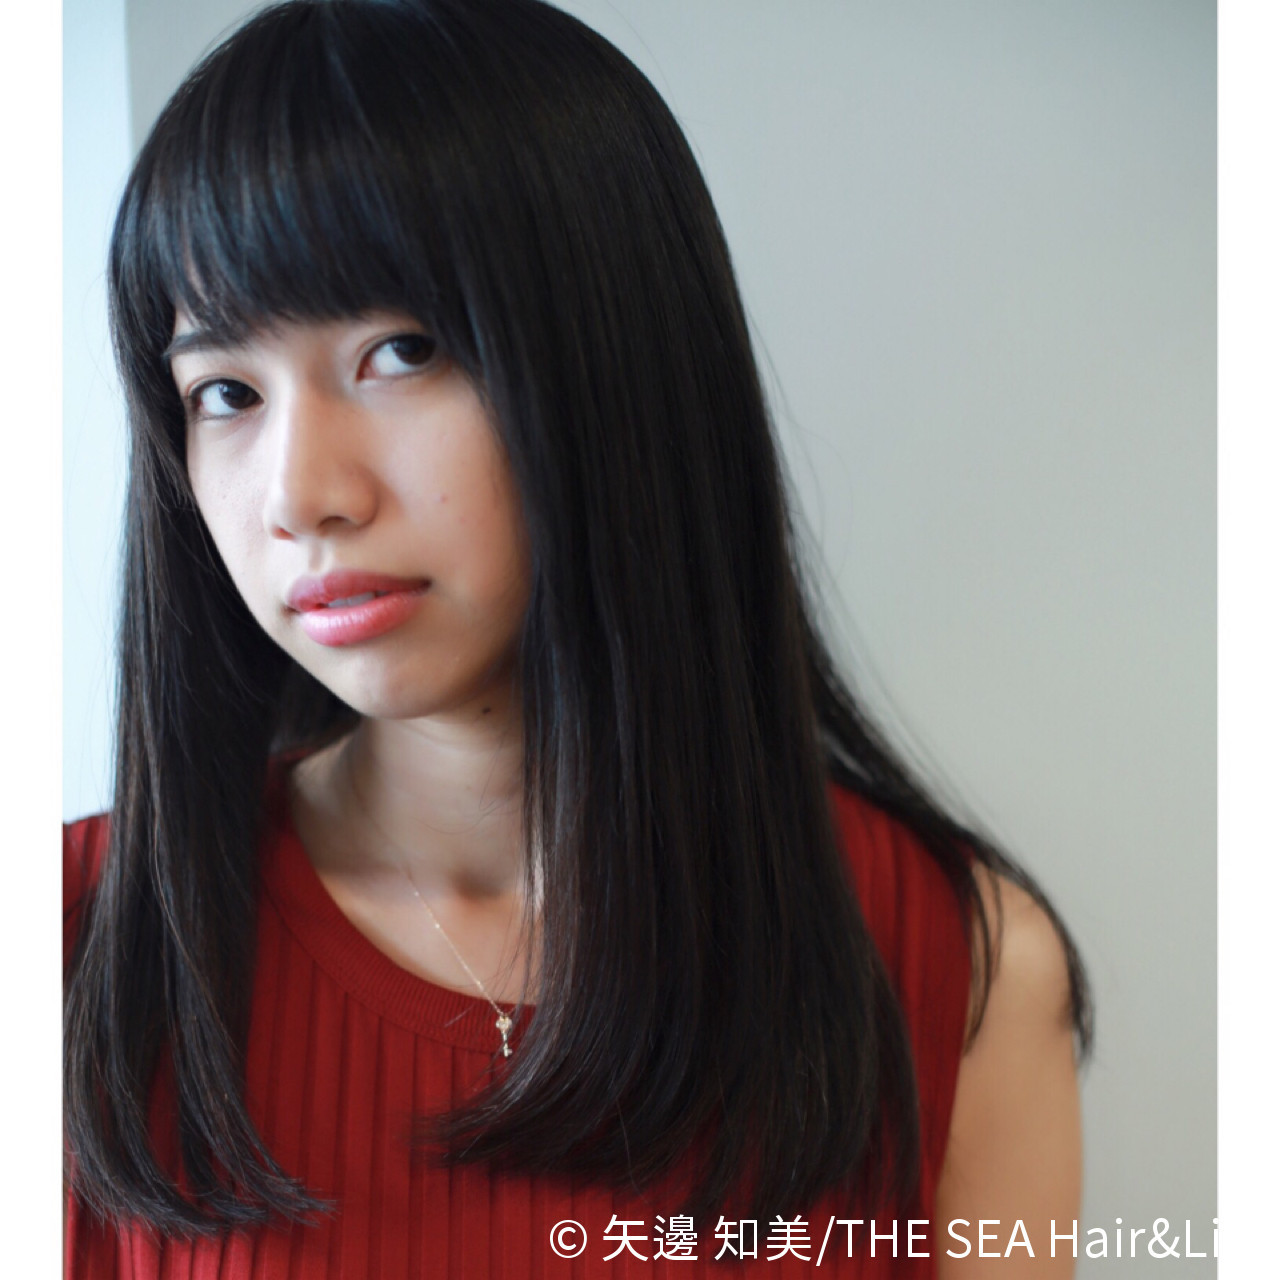 黒髪 小顔 モード 大人かわいい ヘアスタイルや髪型の写真・画像